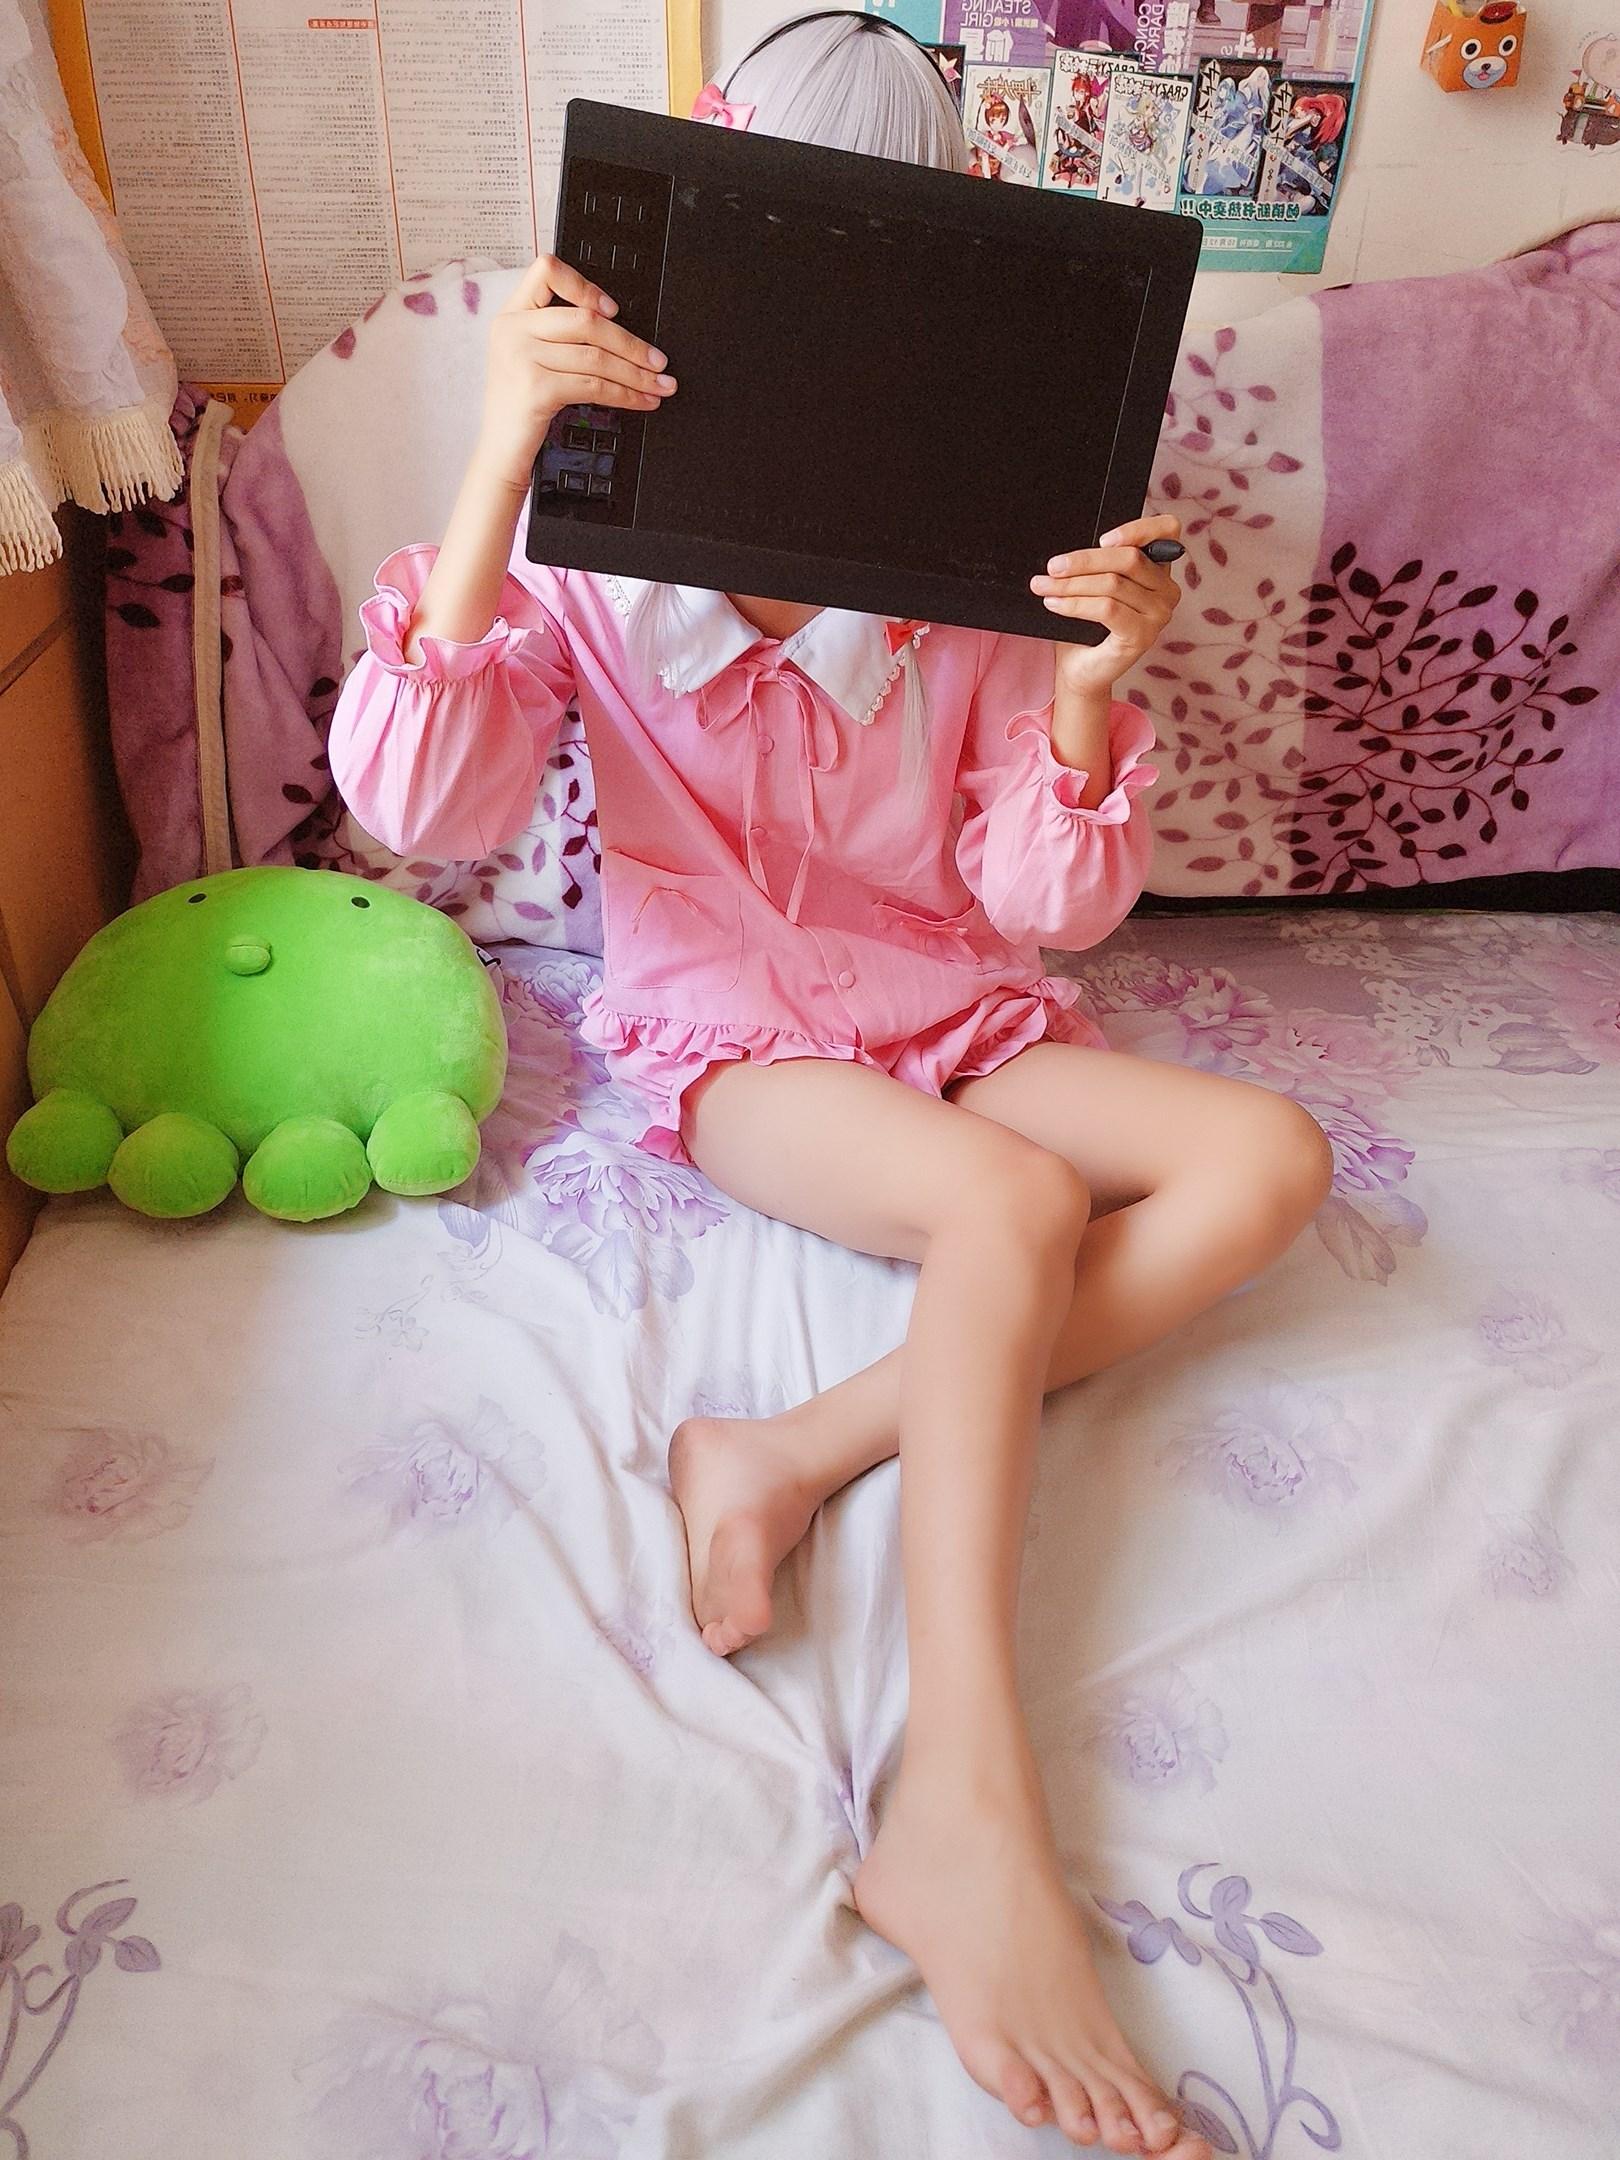 【兔玩映画】萝莉的果腿 兔玩映画 第37张